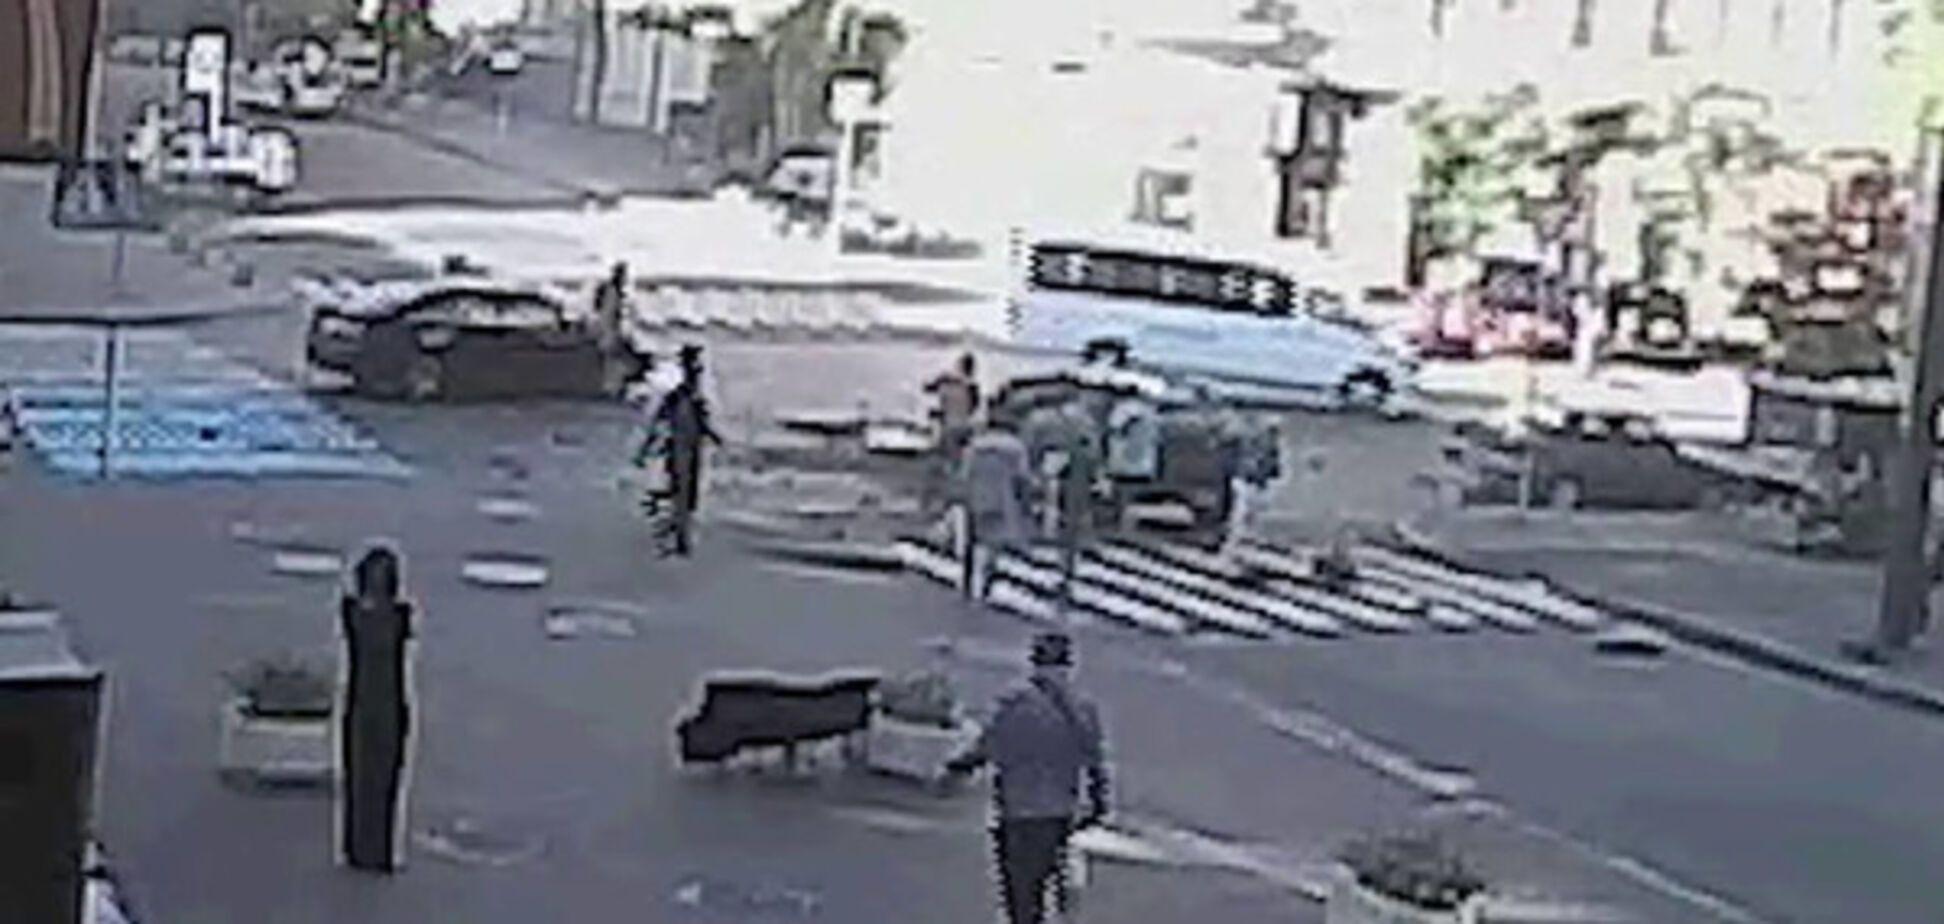 СБУ скрыла важную информацию по делу об убийстве Шеремета: документ